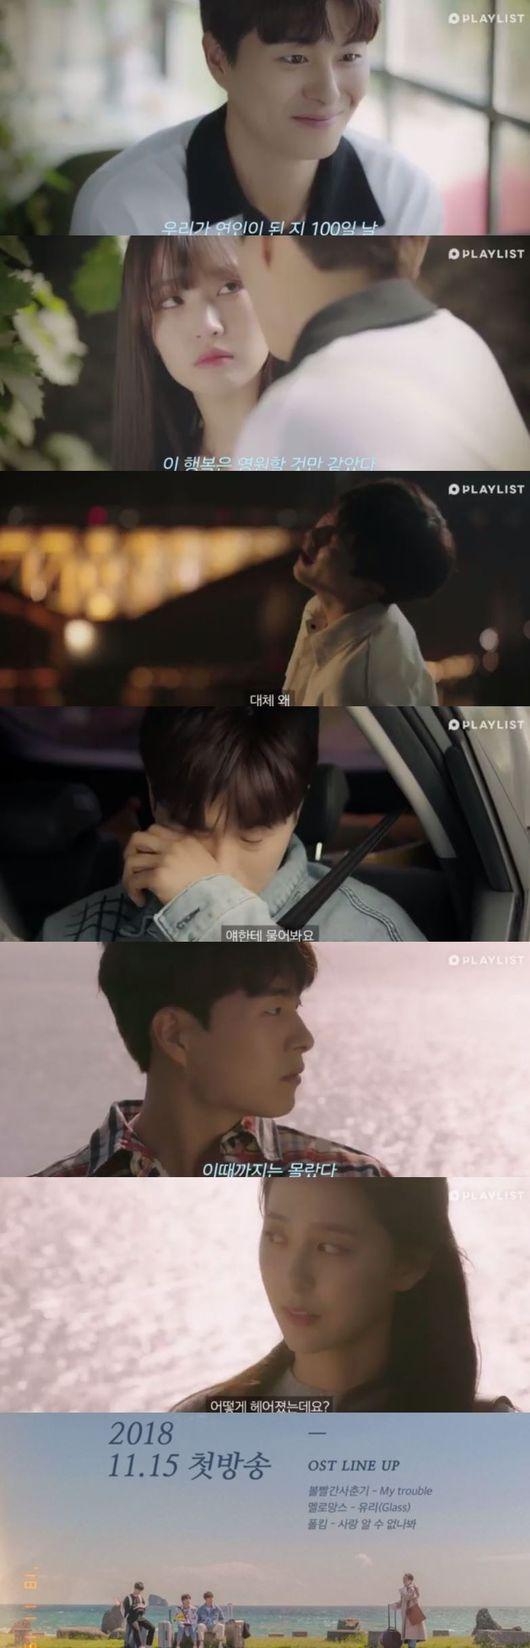 볼빨간사춘기·멜로망스·폴킴, WHY OST 합류..티저 영상 공개